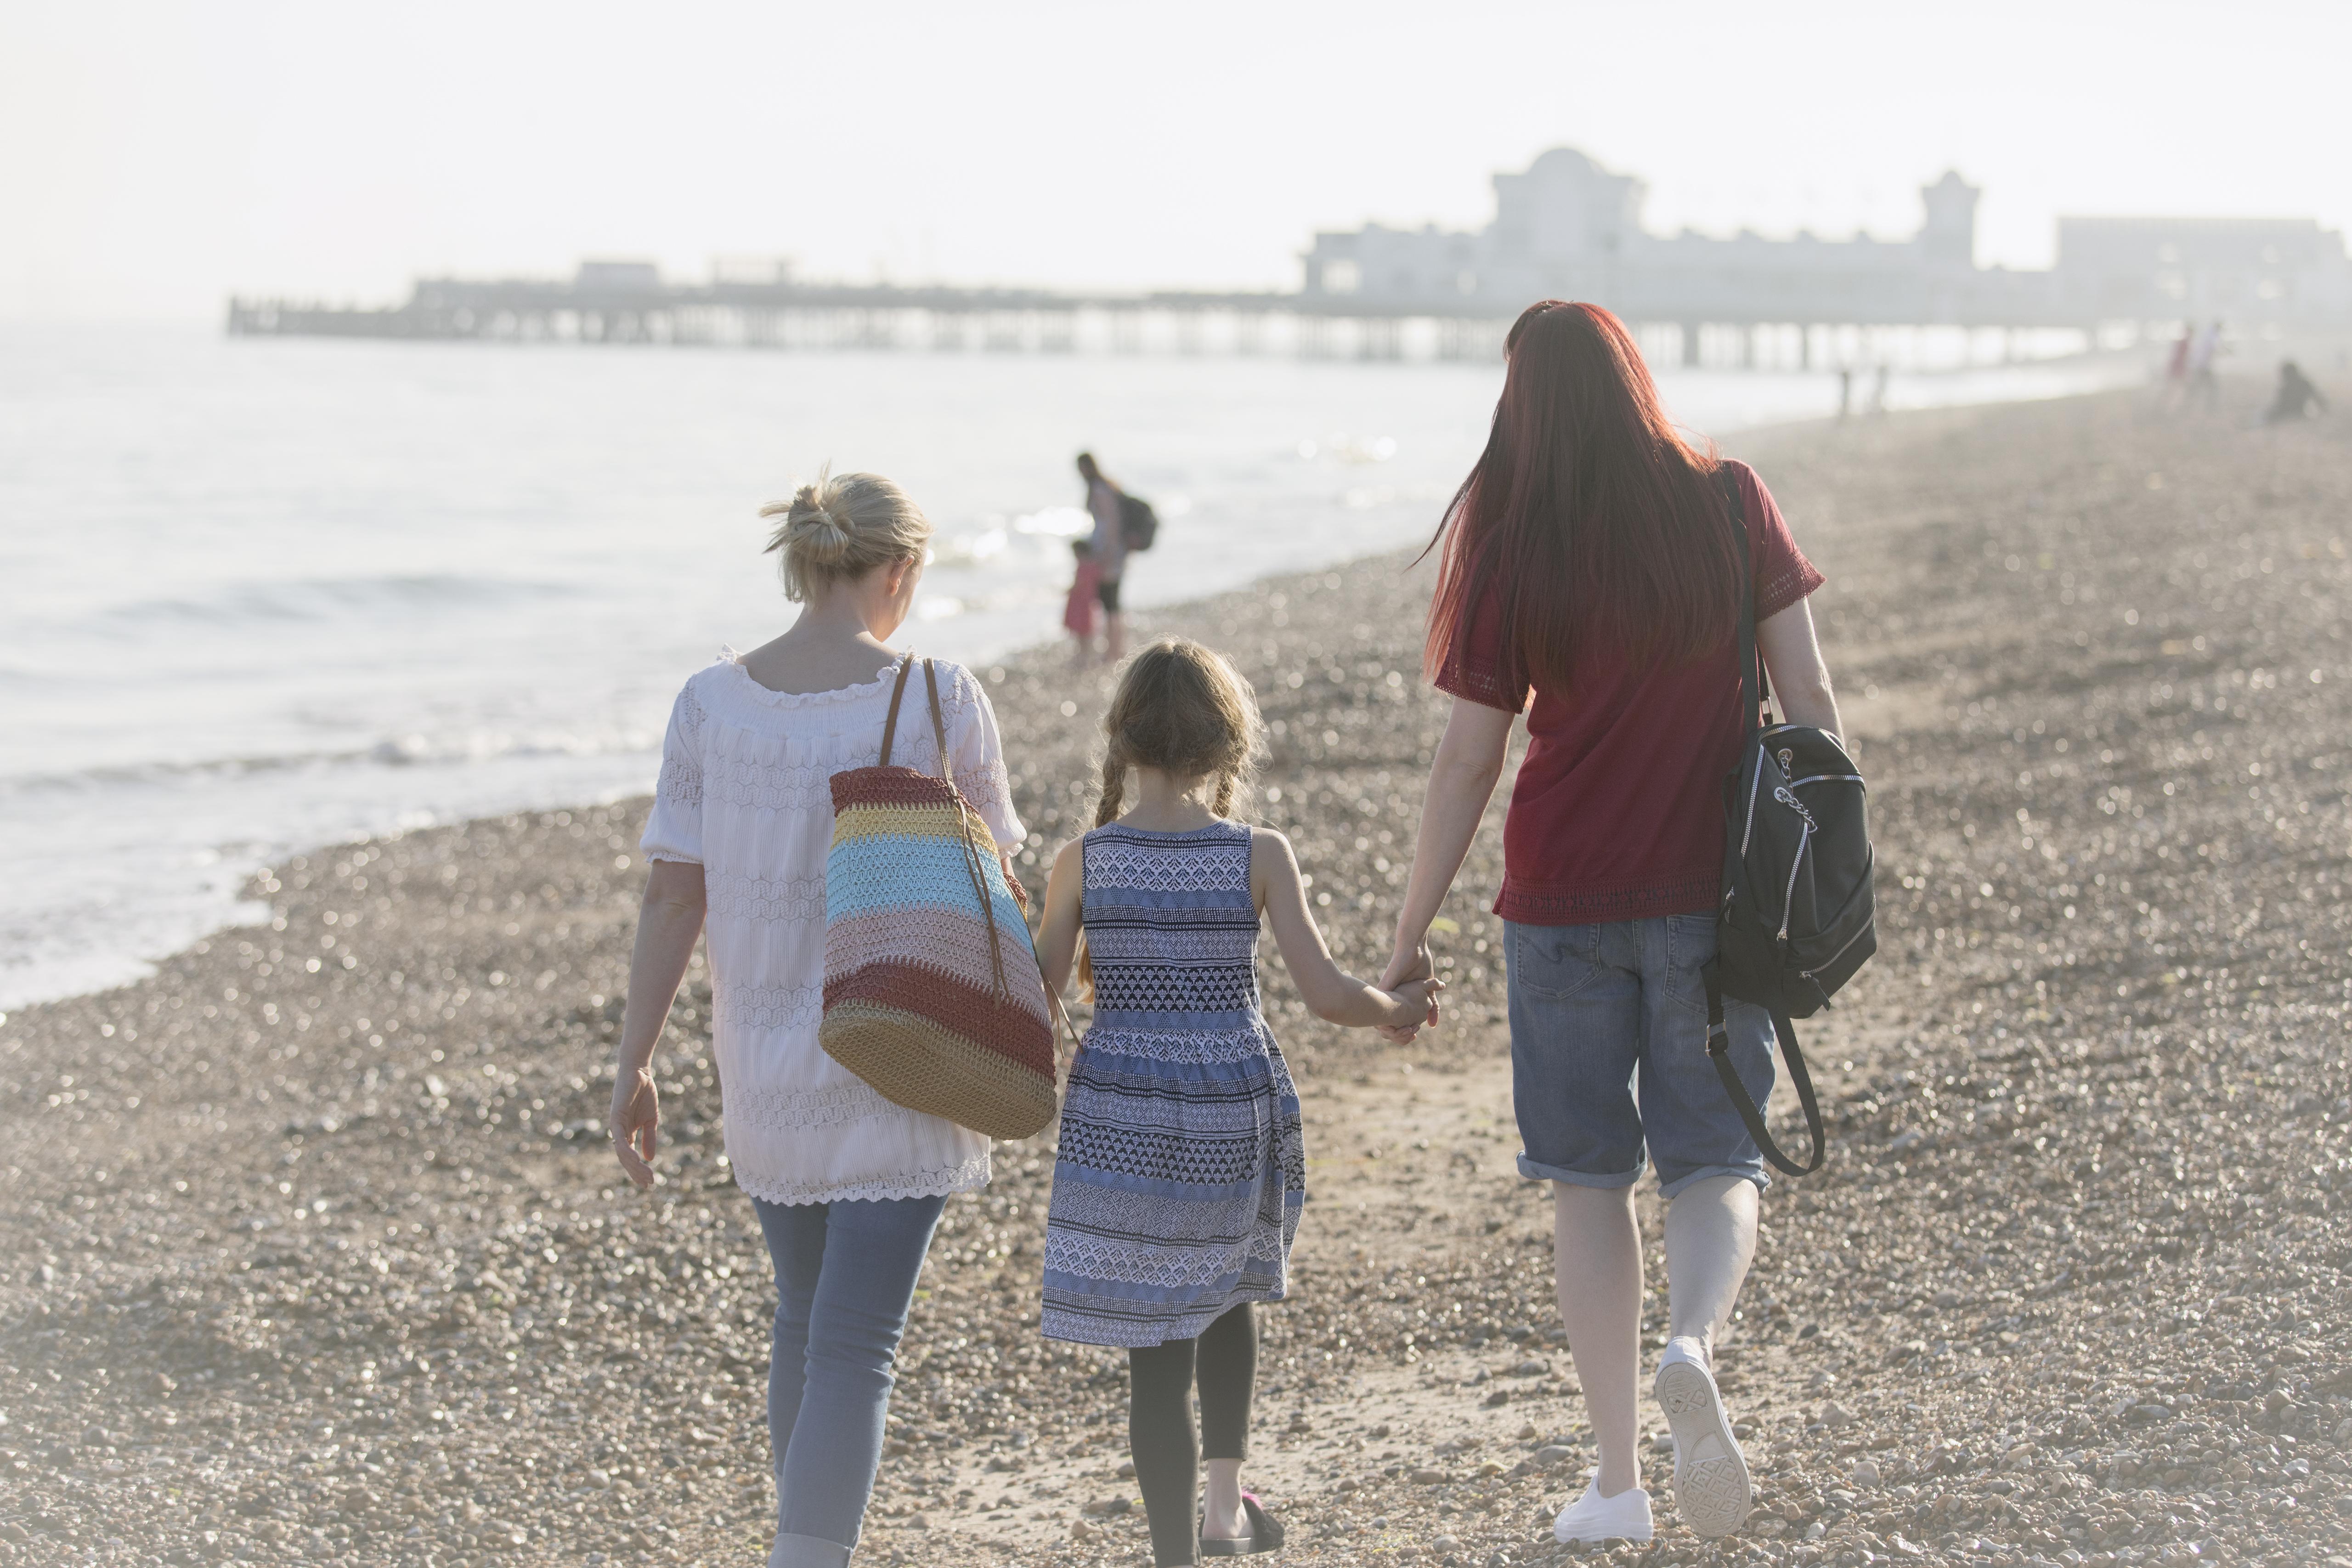 Az egyedülálló szülők örökbefogadását ellehetetlenítő törvény valójában az azonos nemű párok távoltartásáról szól